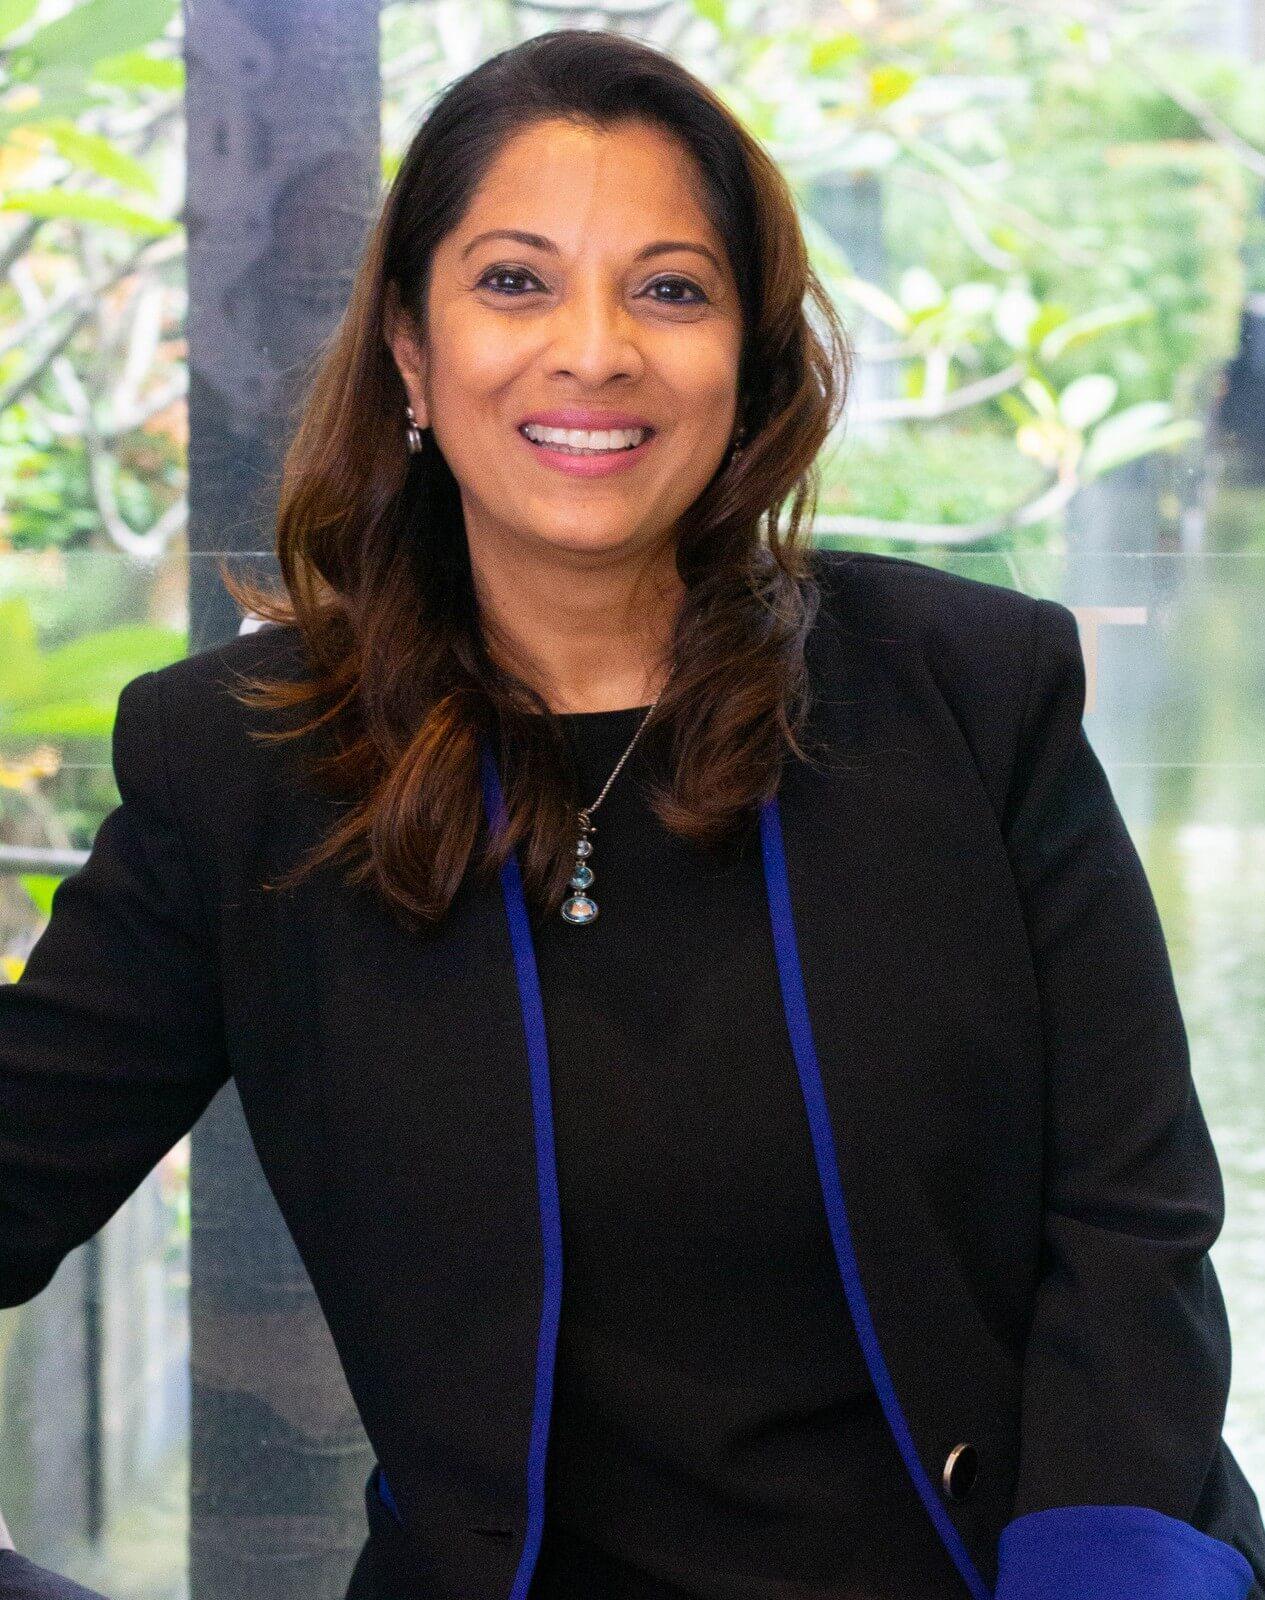 Photo of Dr. Barkathunnisha